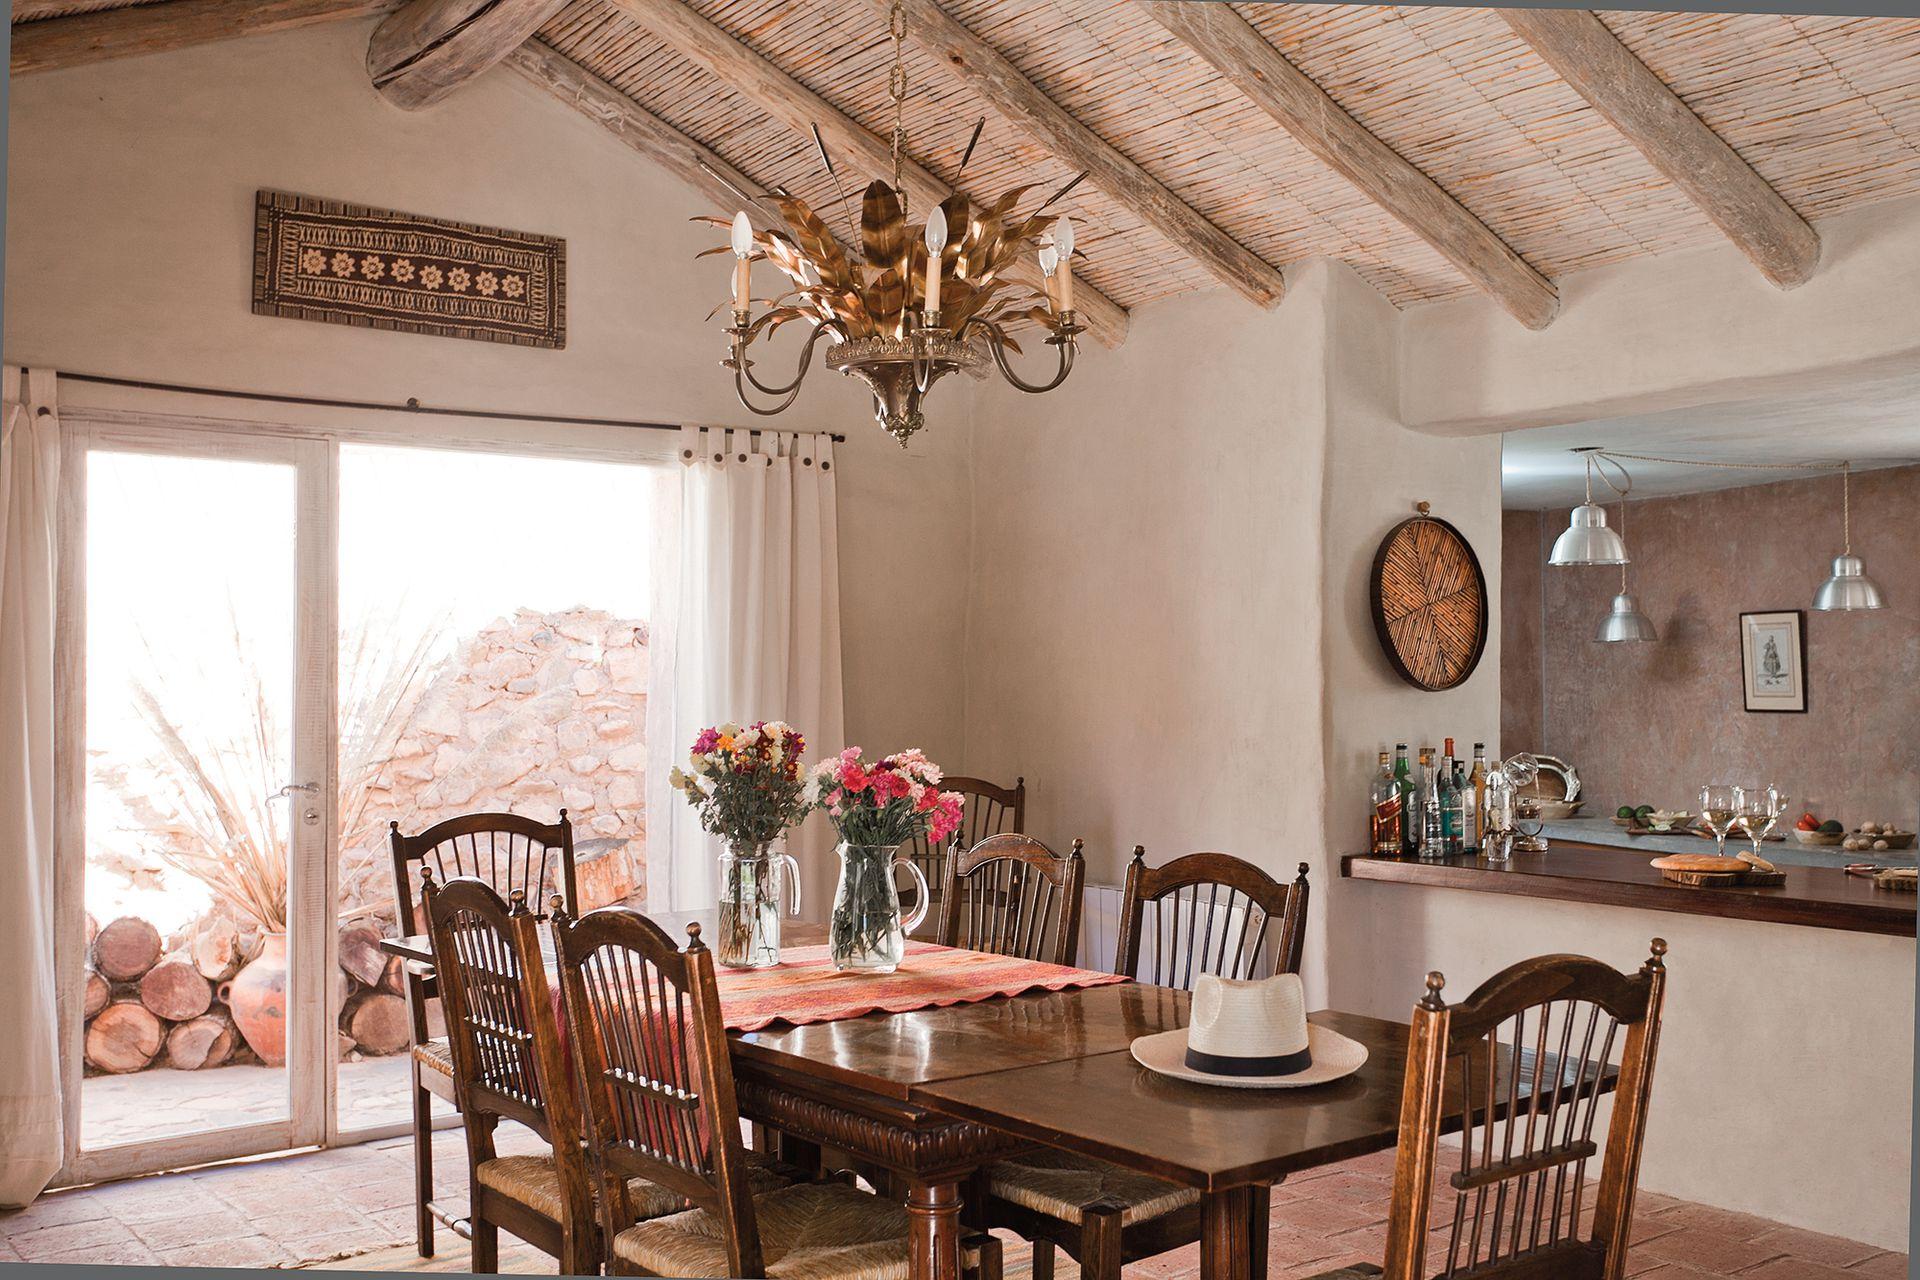 A Julio le tocó el comedor, y eligió una mesa que había sido de sus padres, un juego de sillas (Mercado de Pulgas de Dorrego) y una araña comprada en un remate (Breuer Moreno).